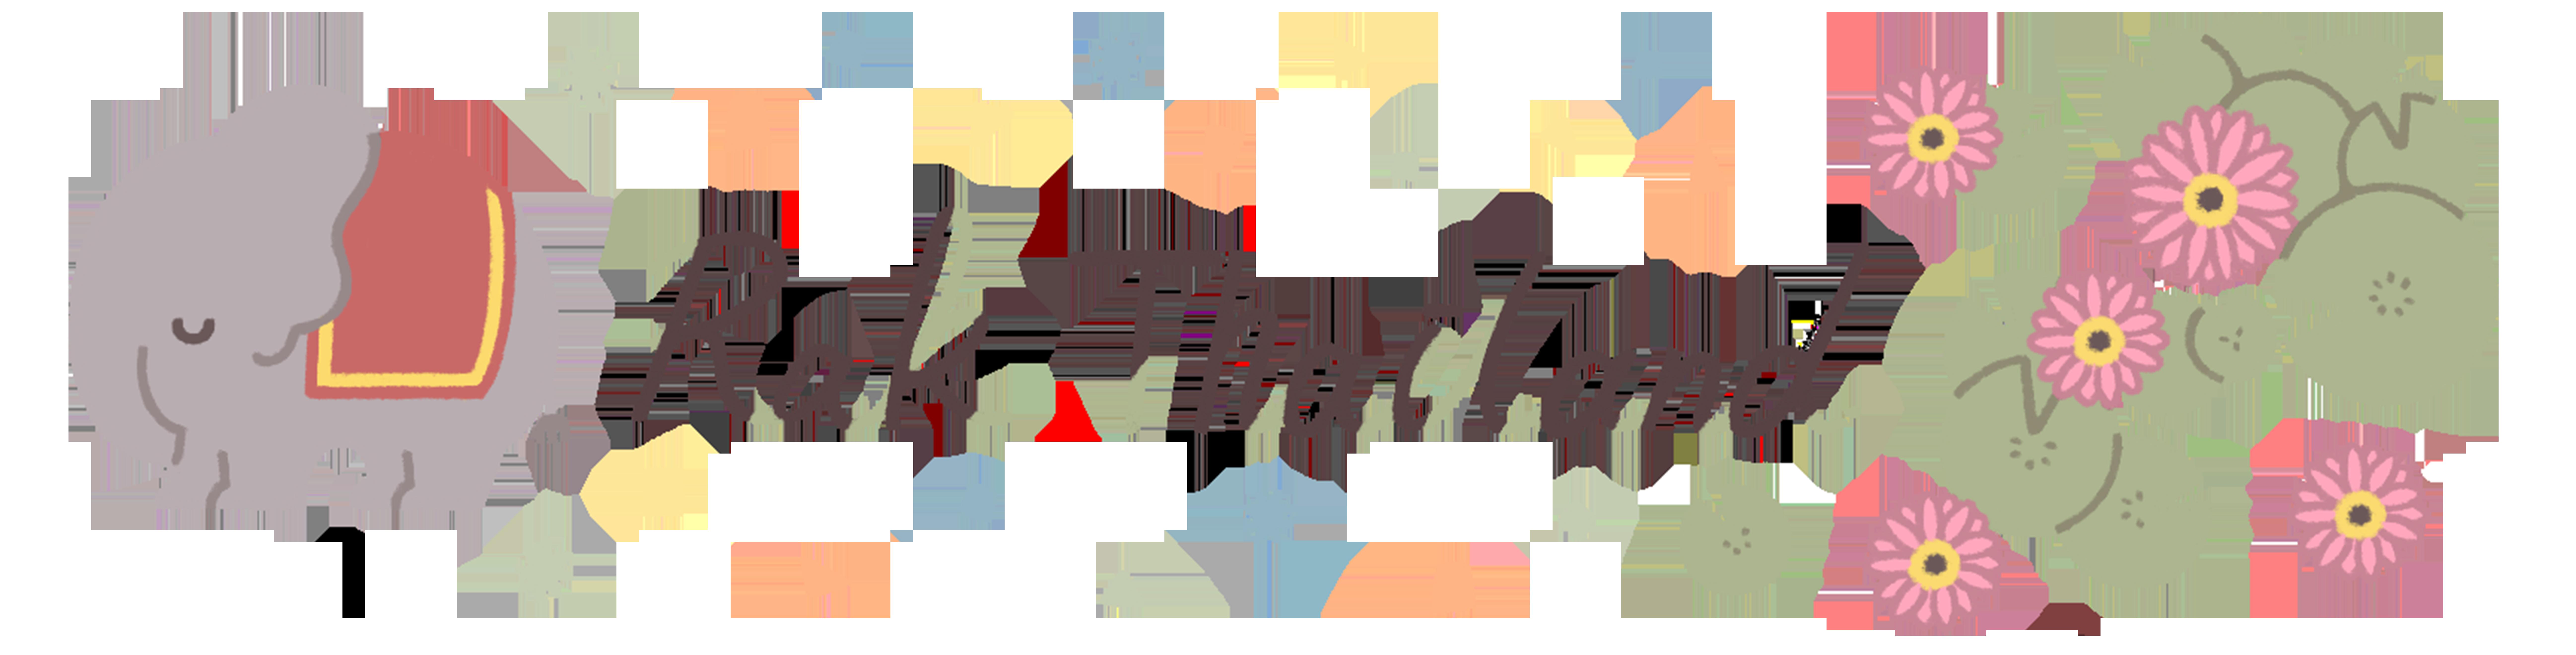 Rak Thailand タイ旅行・在住情報